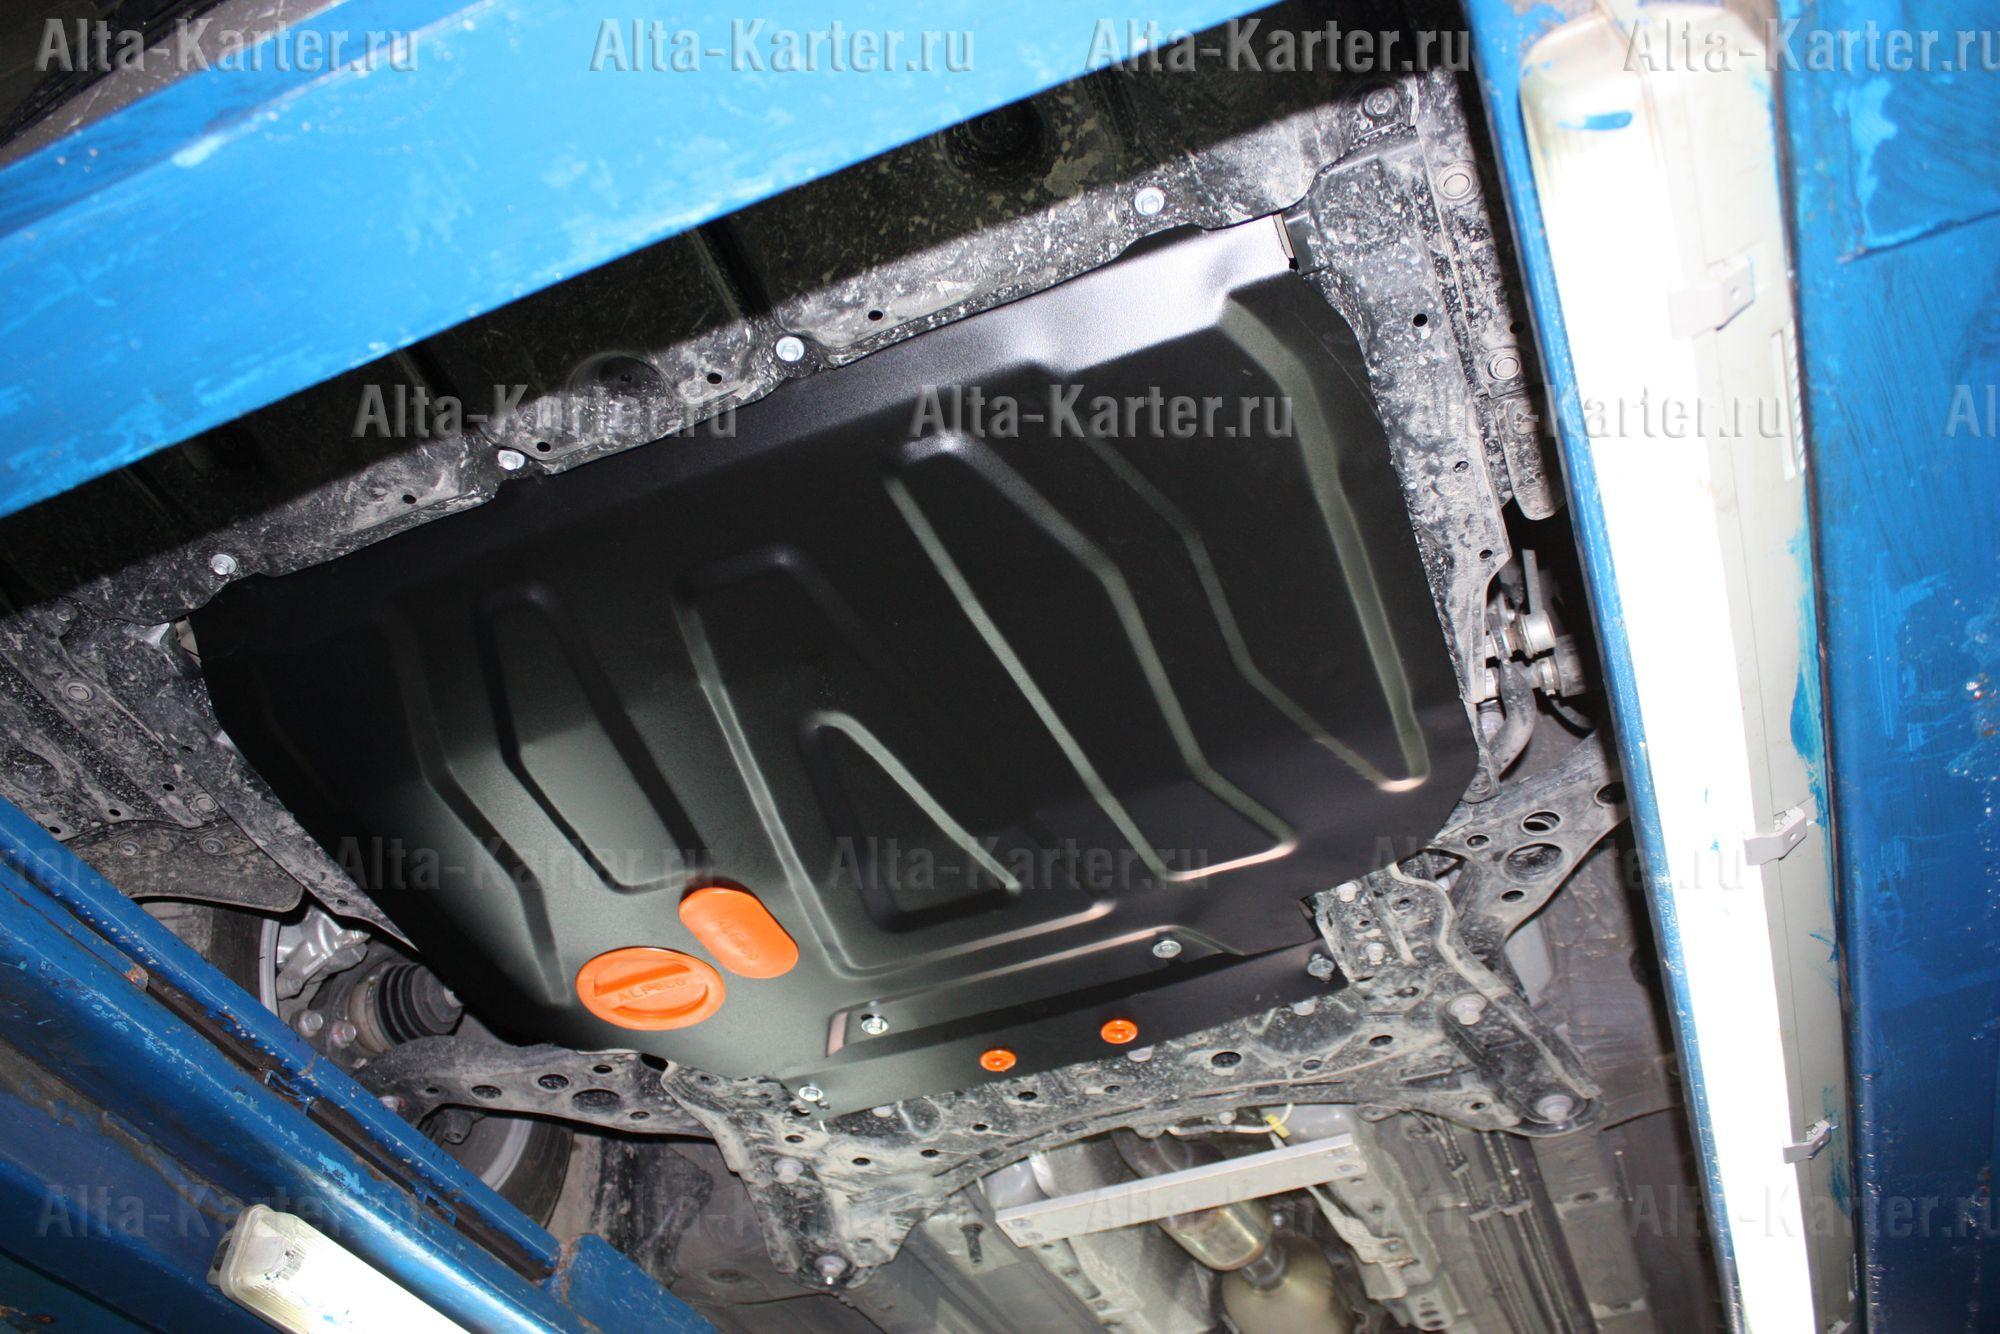 Защита Alfeco для картера и КПП Toyota Corolla E210 2018-2021. Артикул ALF.24.114